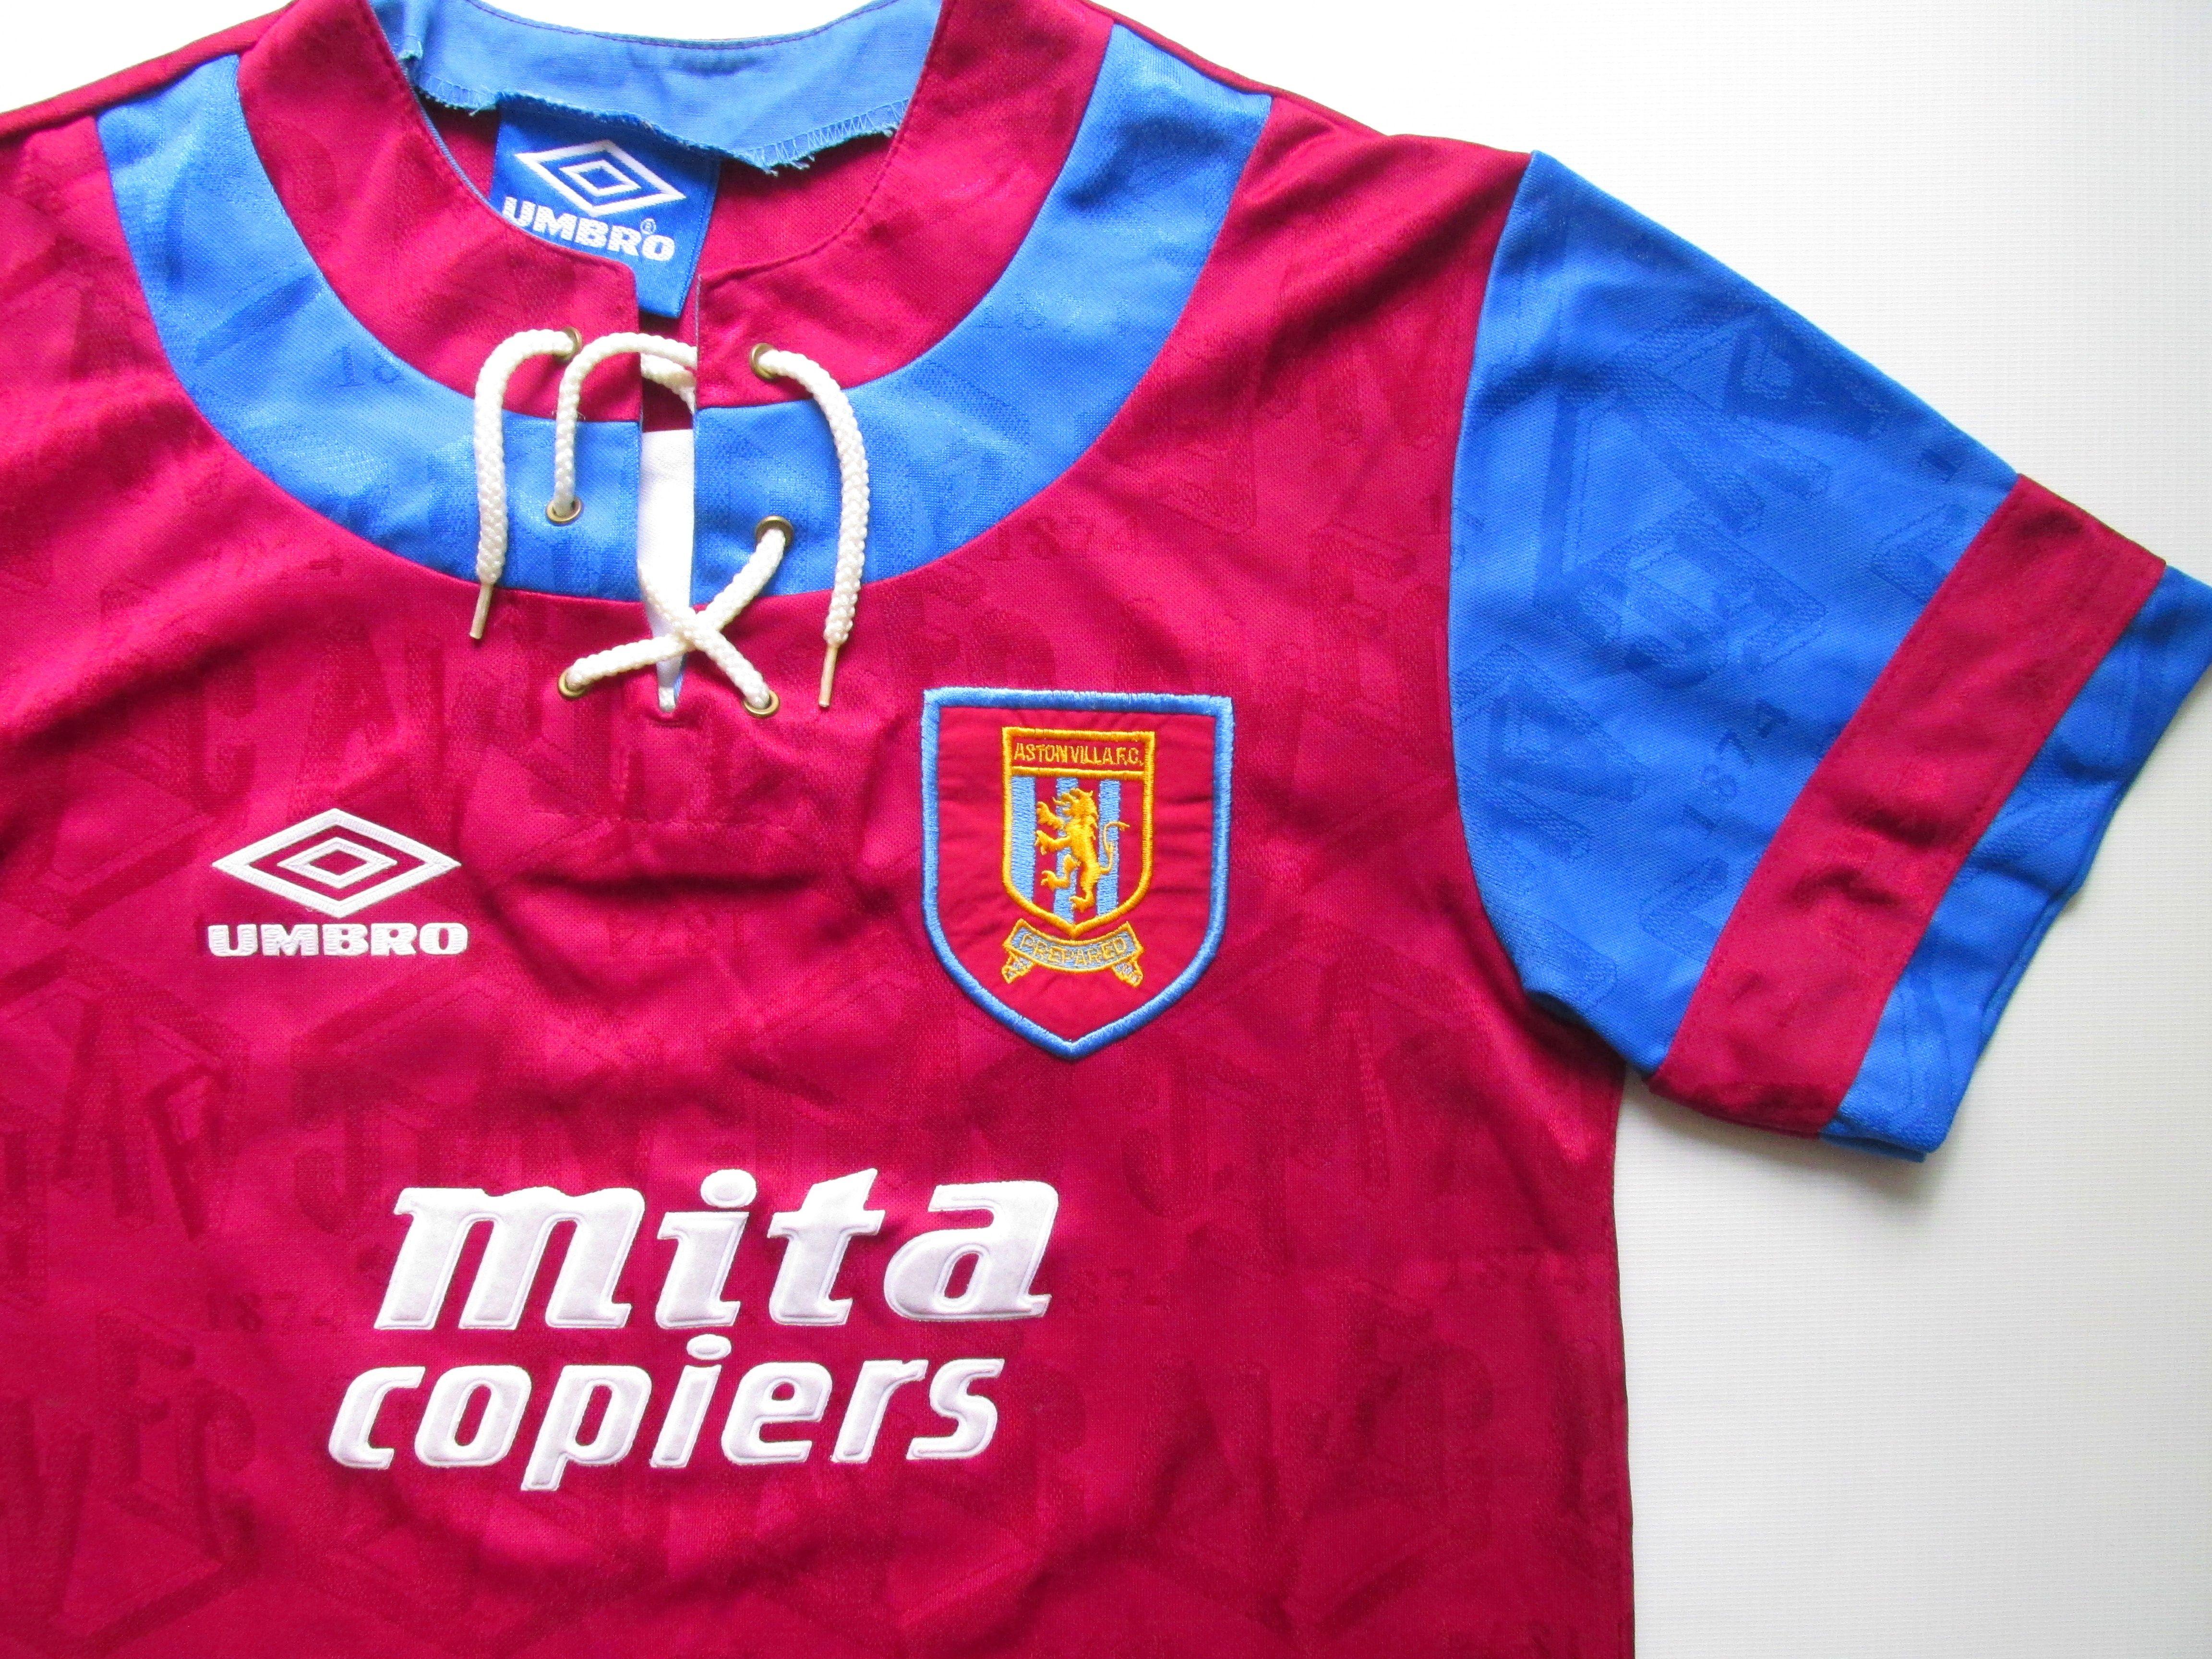 Aston Villa 1992 1993 Home Football Shirt By Umbro In 2020 Retro Football Shirts Football Shirts Sports Jersey Design